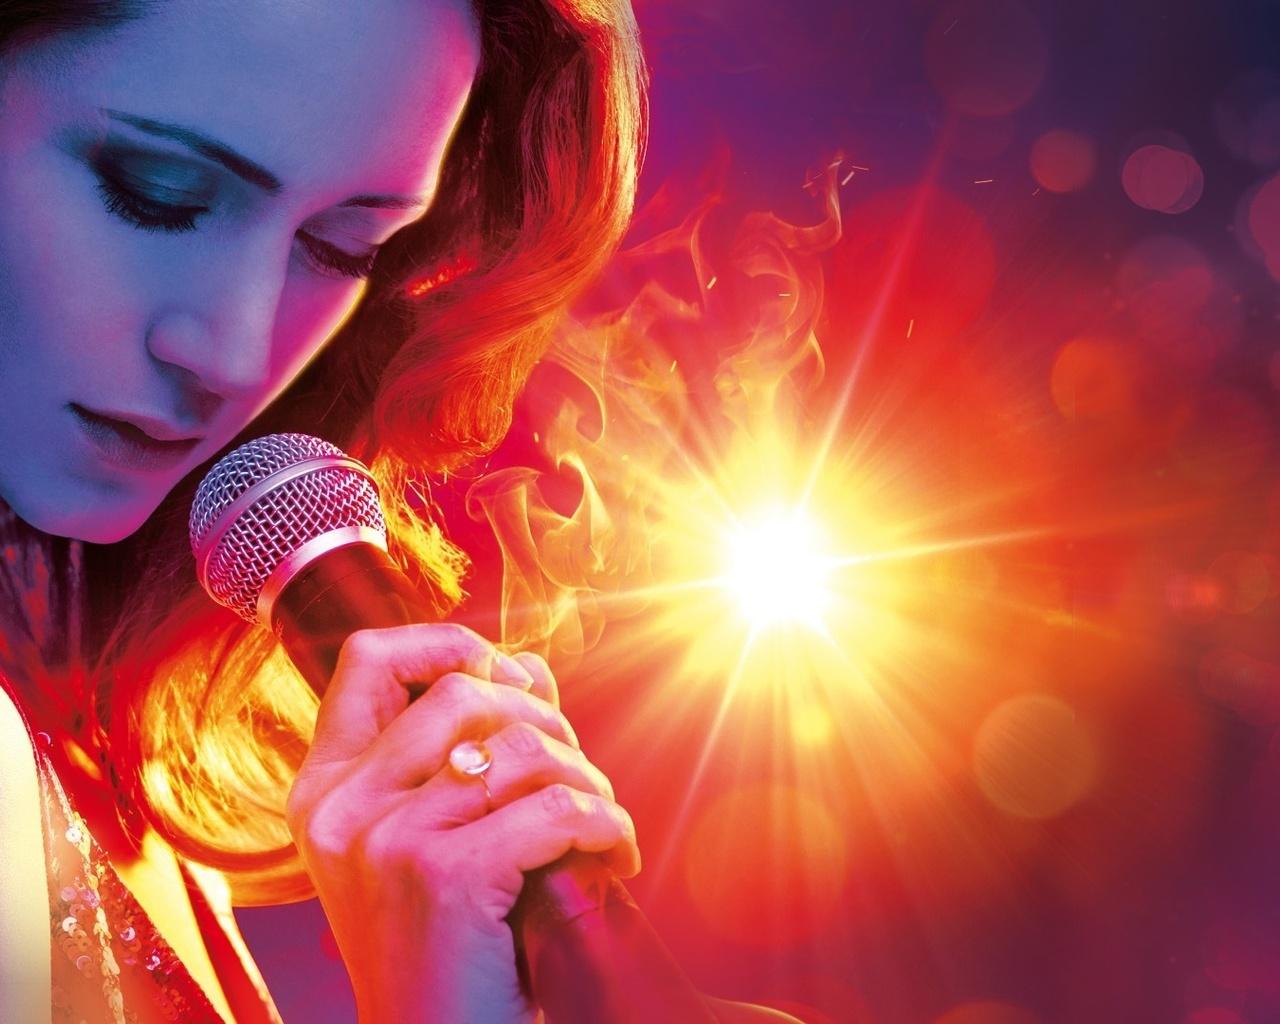 девушка, красотка, певица,микрофон,поет,фон,красный,свет,яркий,луч,шатенка,цвет,волосы,, лоб,глаза,брови,ресницы,руки,платье,декольте,пальцы,кольцо,локоны